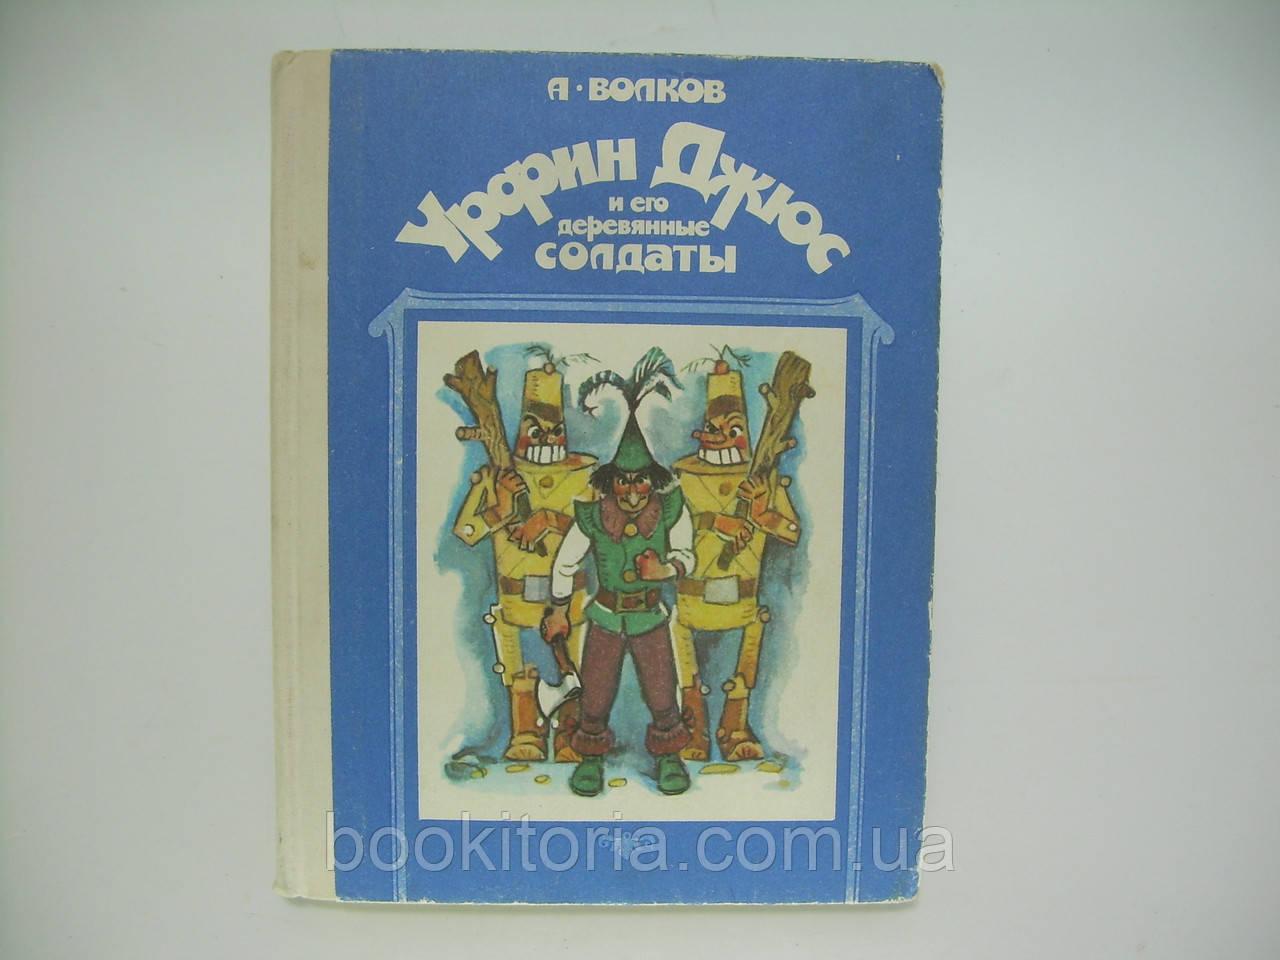 Волков А. Урфин Джюс и его деревянные солдаты (б/у).